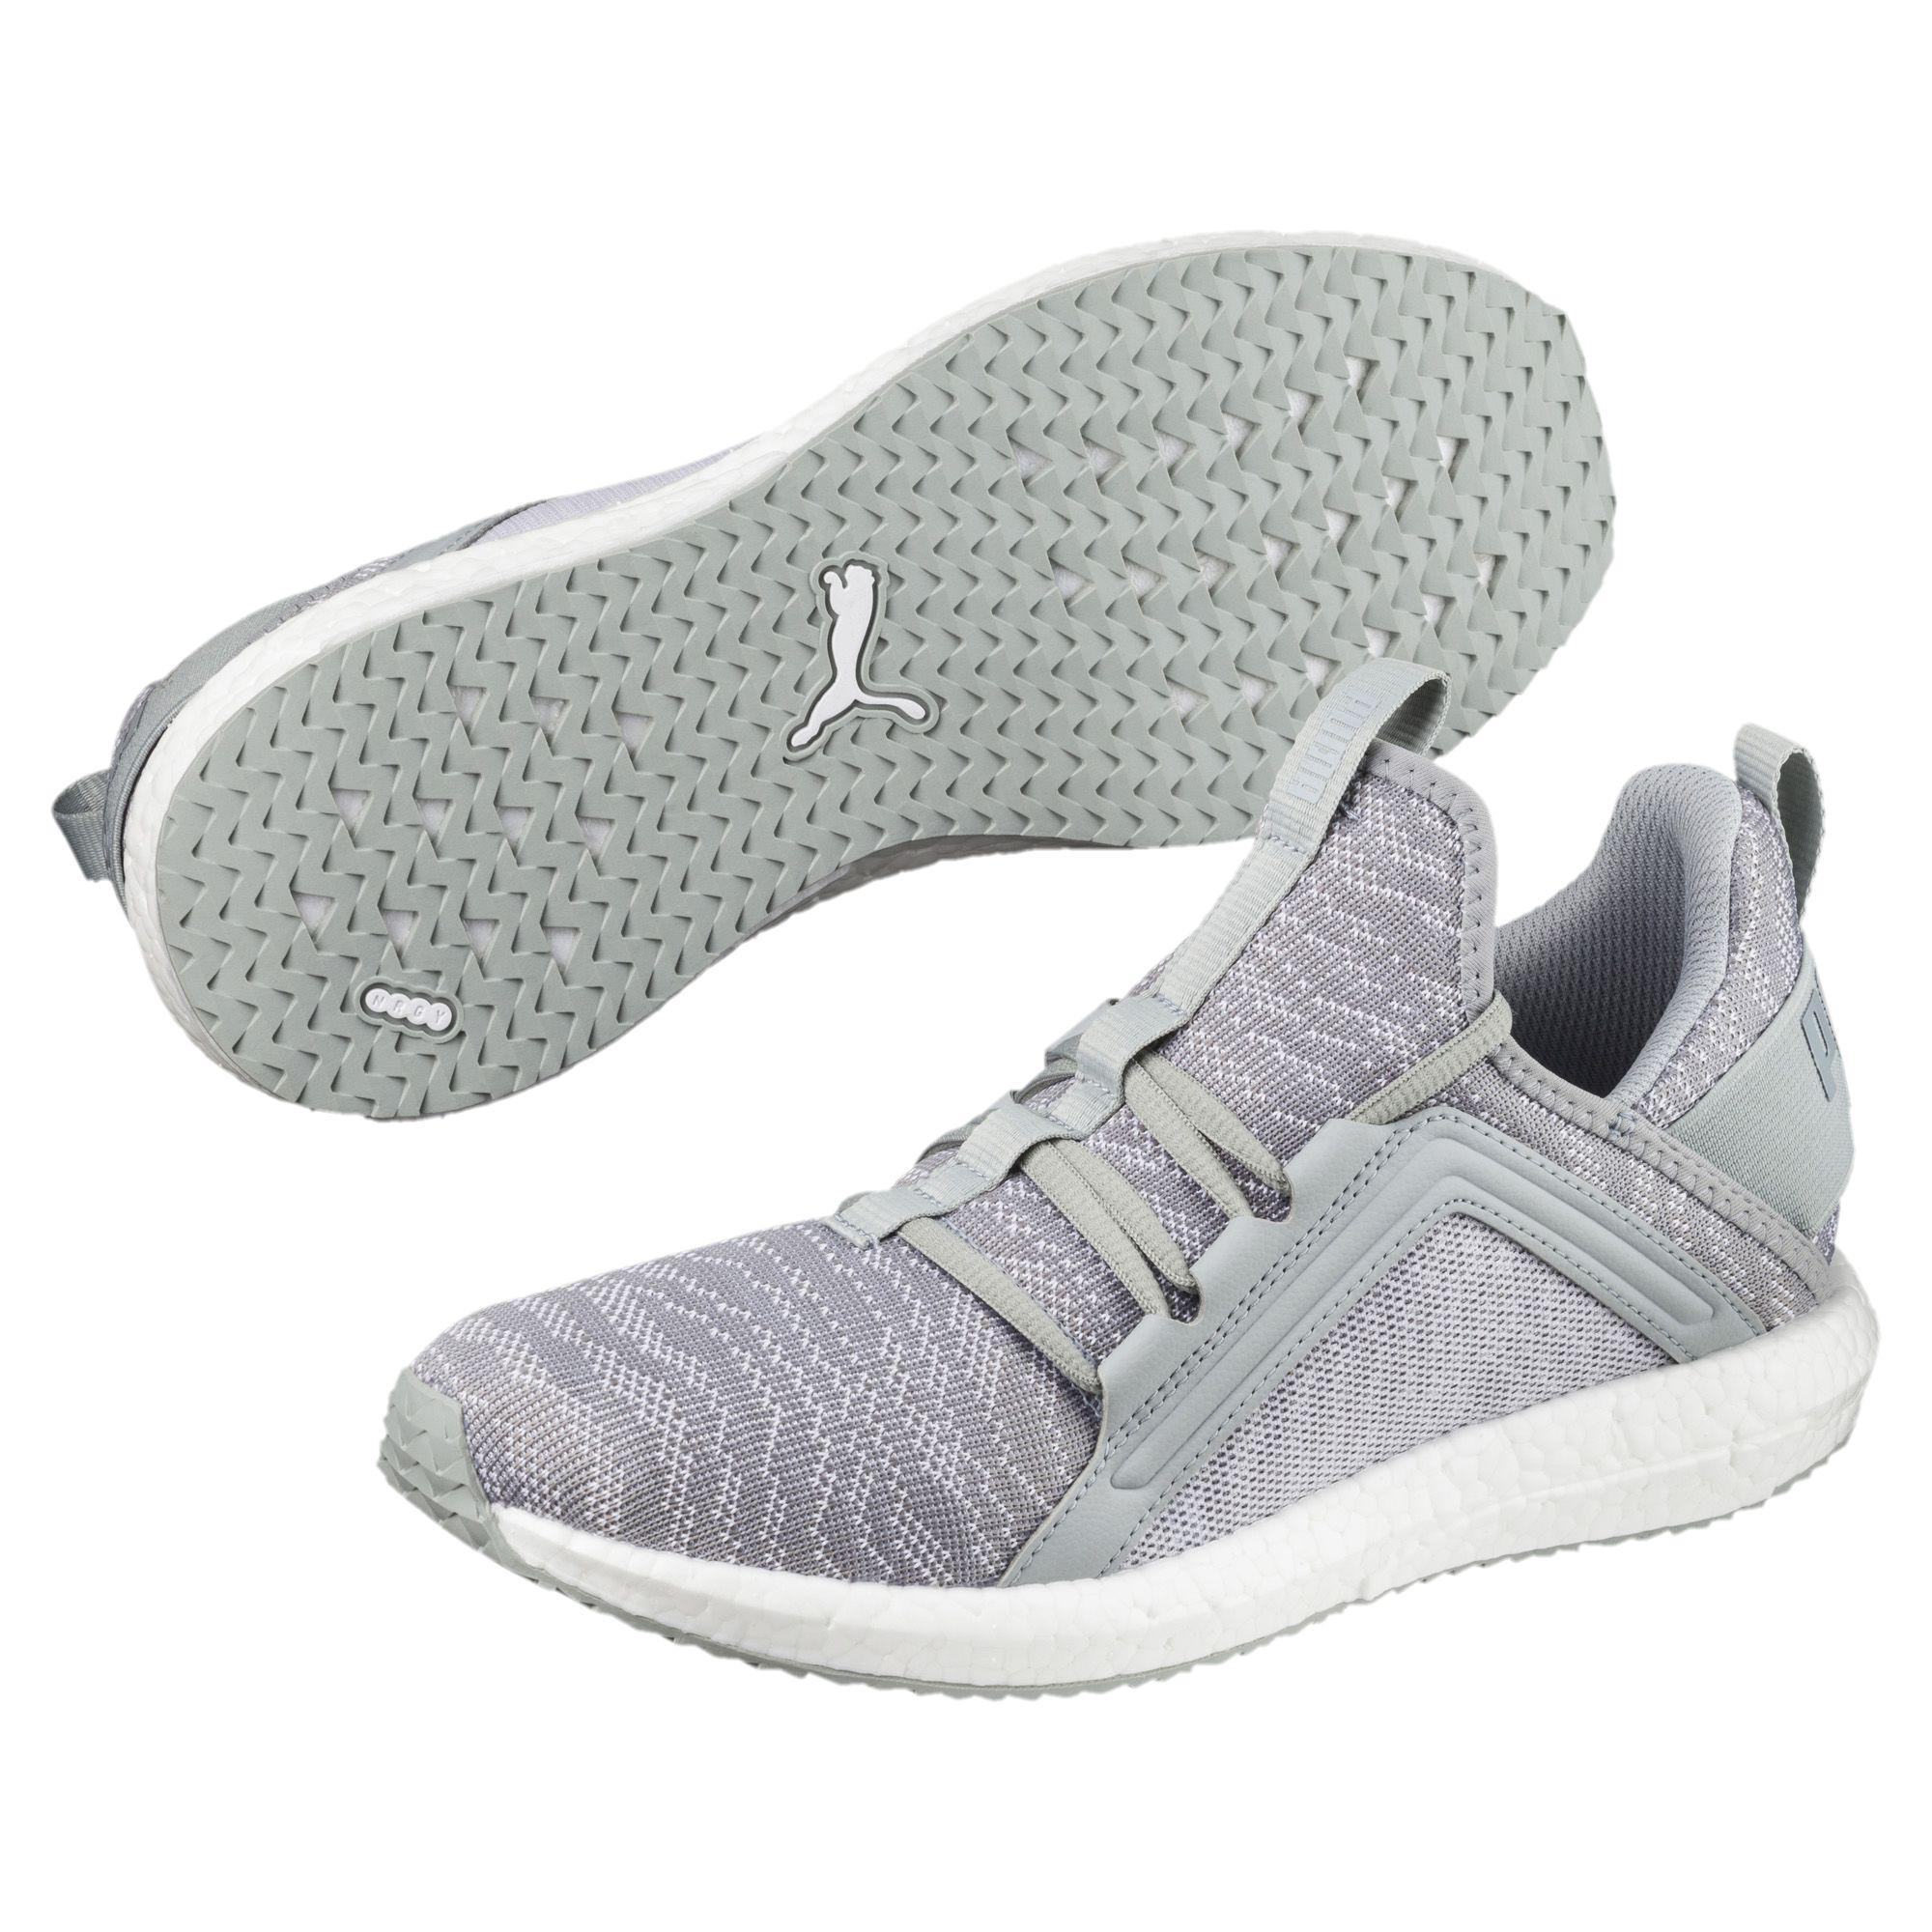 a3b36017a3991f Lyst - PUMA Mega Nrgy Zebra Women s Running Shoes